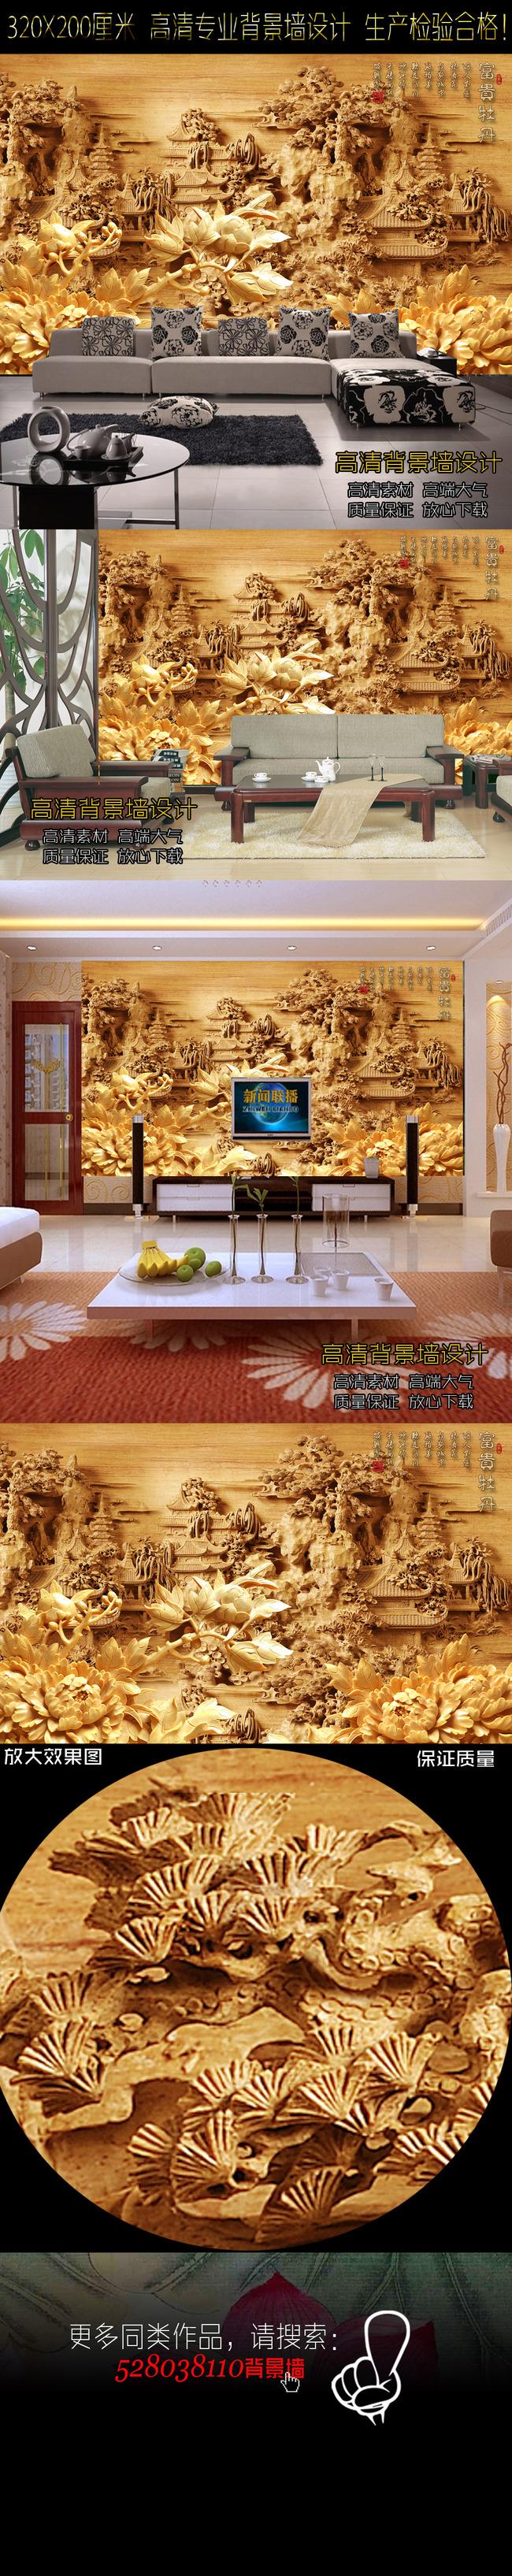 山水风景亭子中式木雕电视背景墙